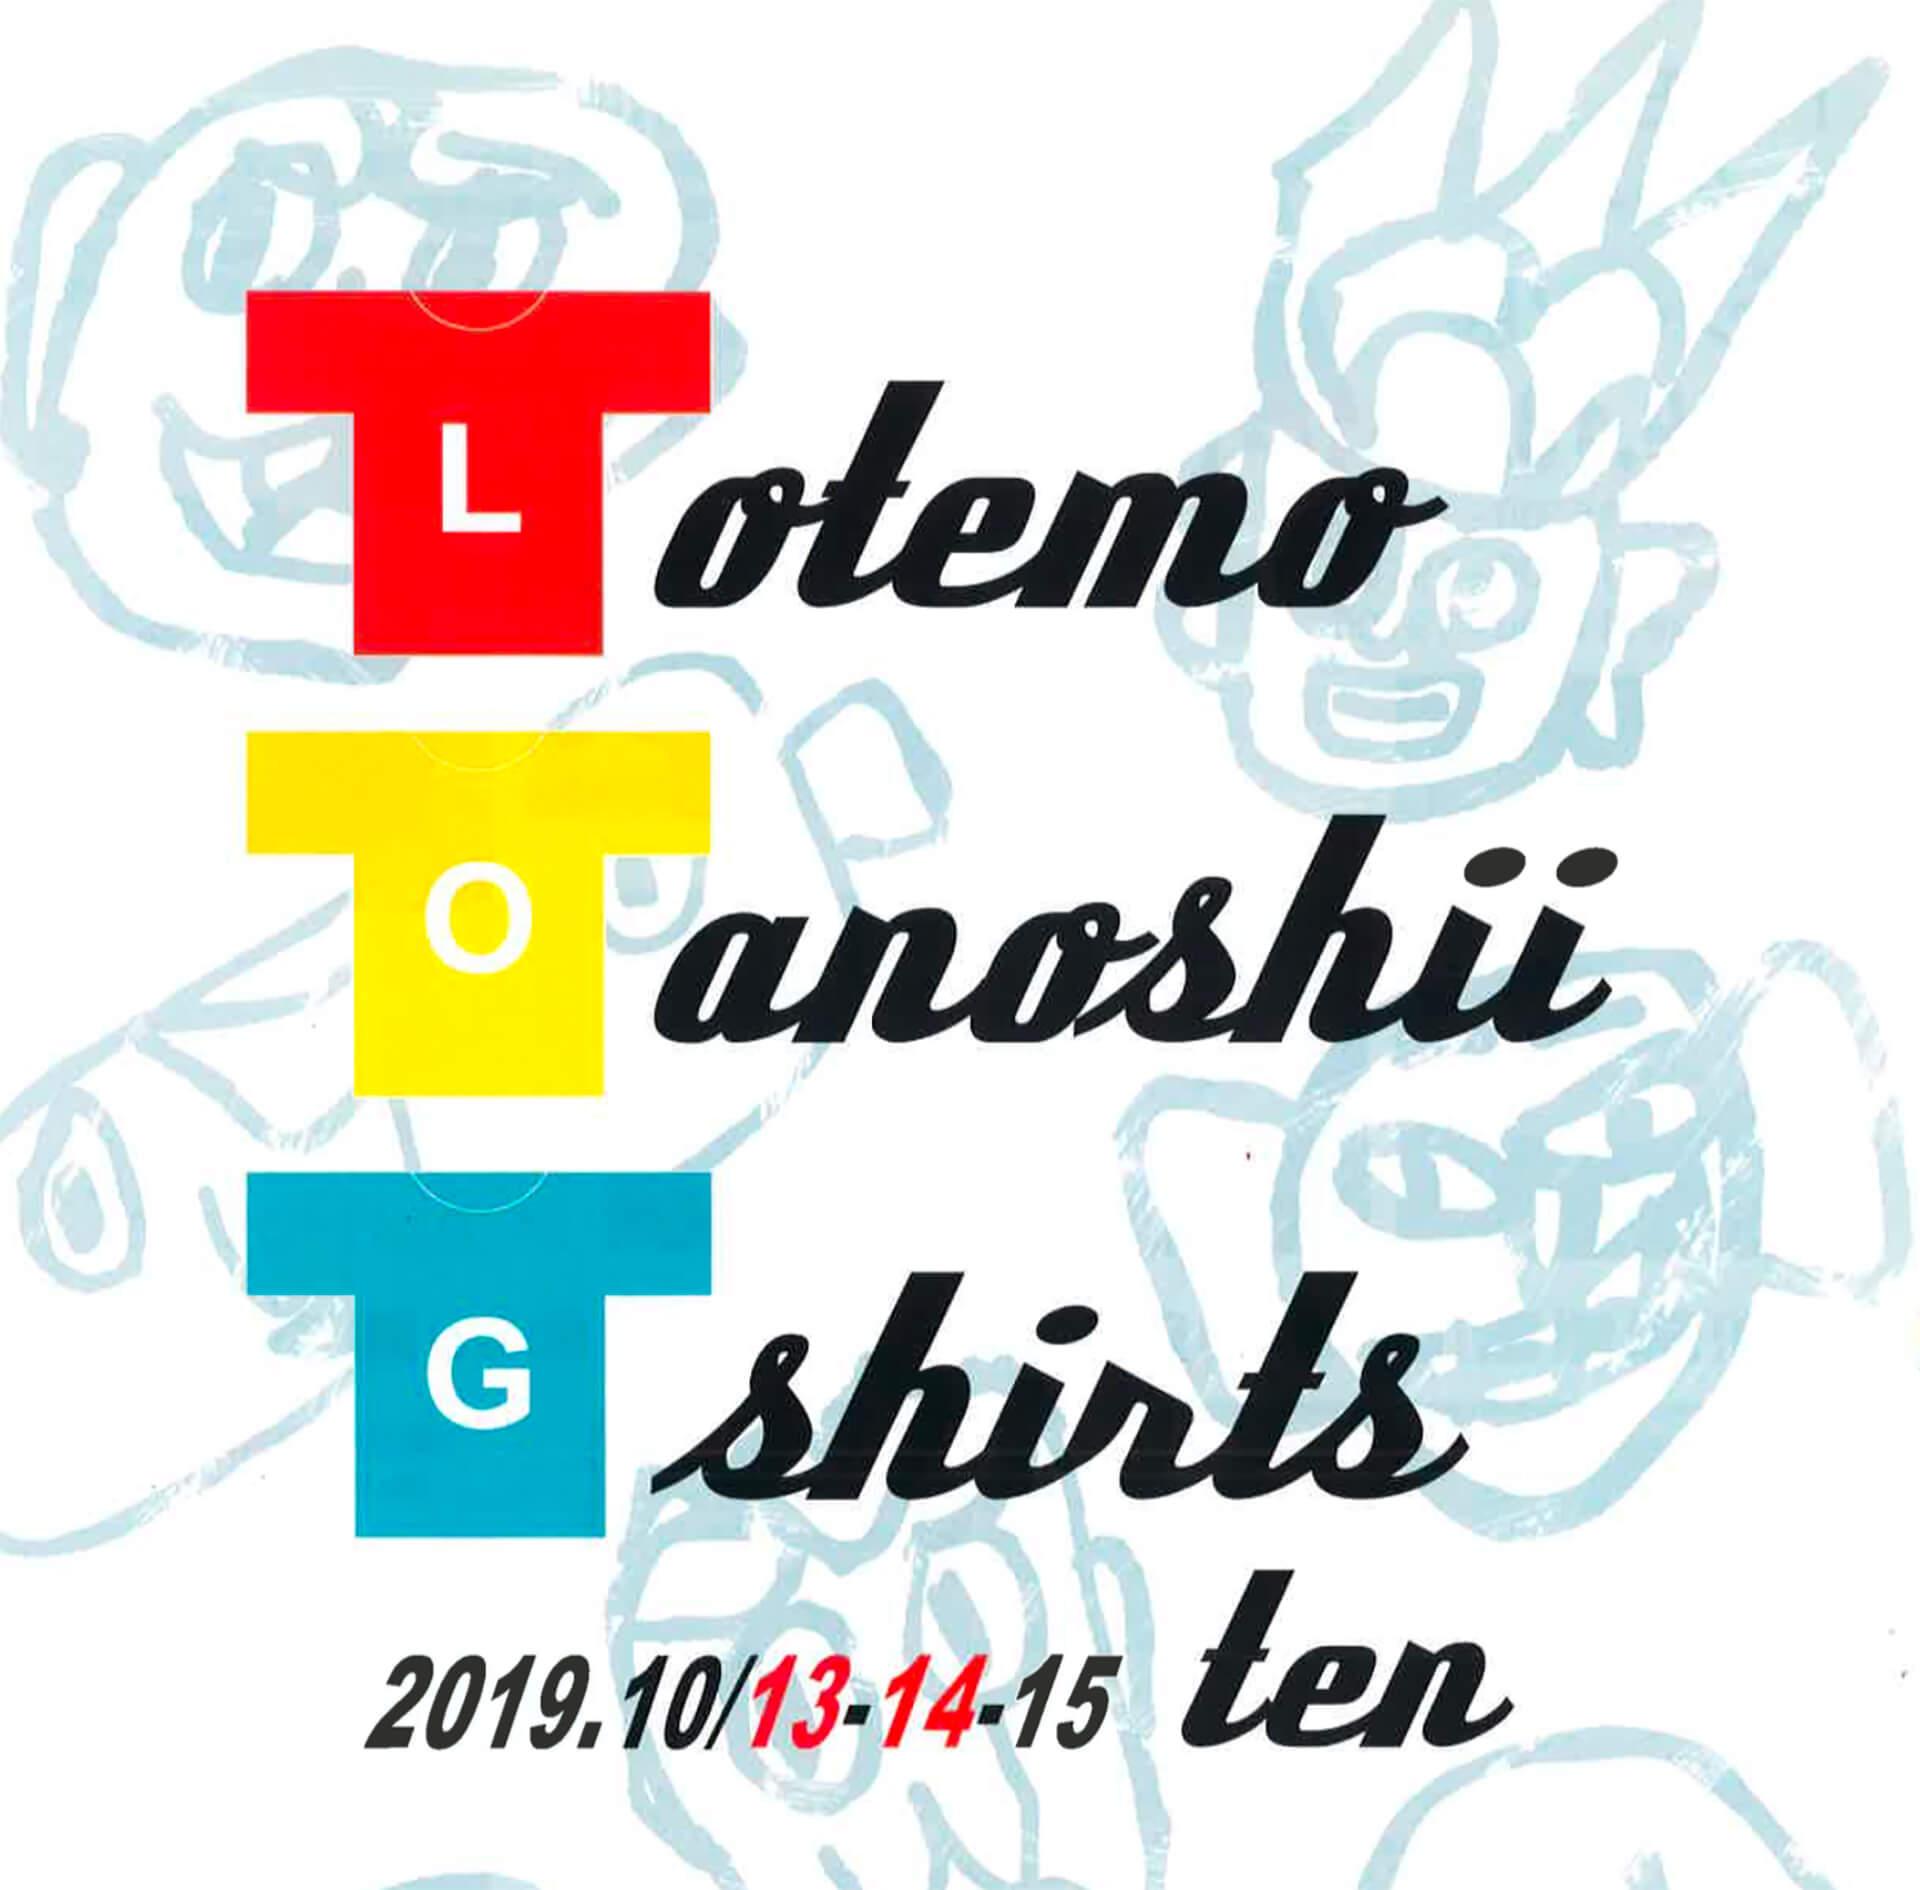 トテモ・タノシイ・Tシャツ展メインビジュアル